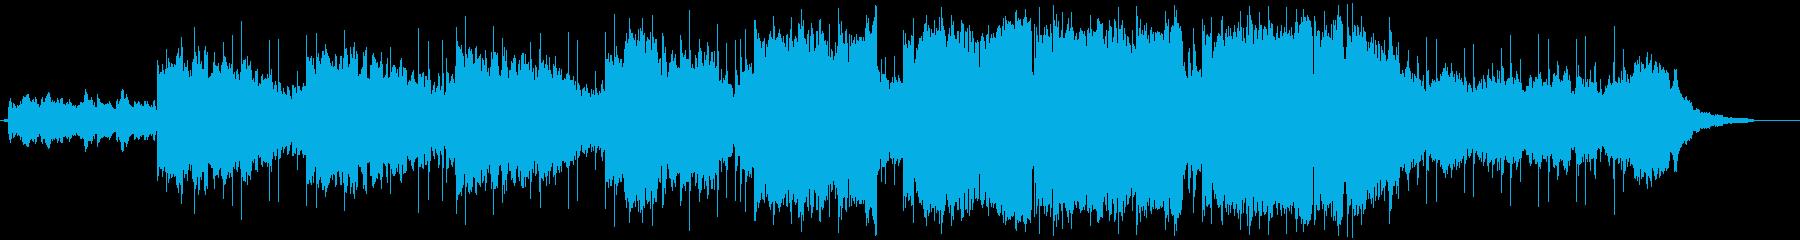 ハードボイルドな切ない曲の再生済みの波形